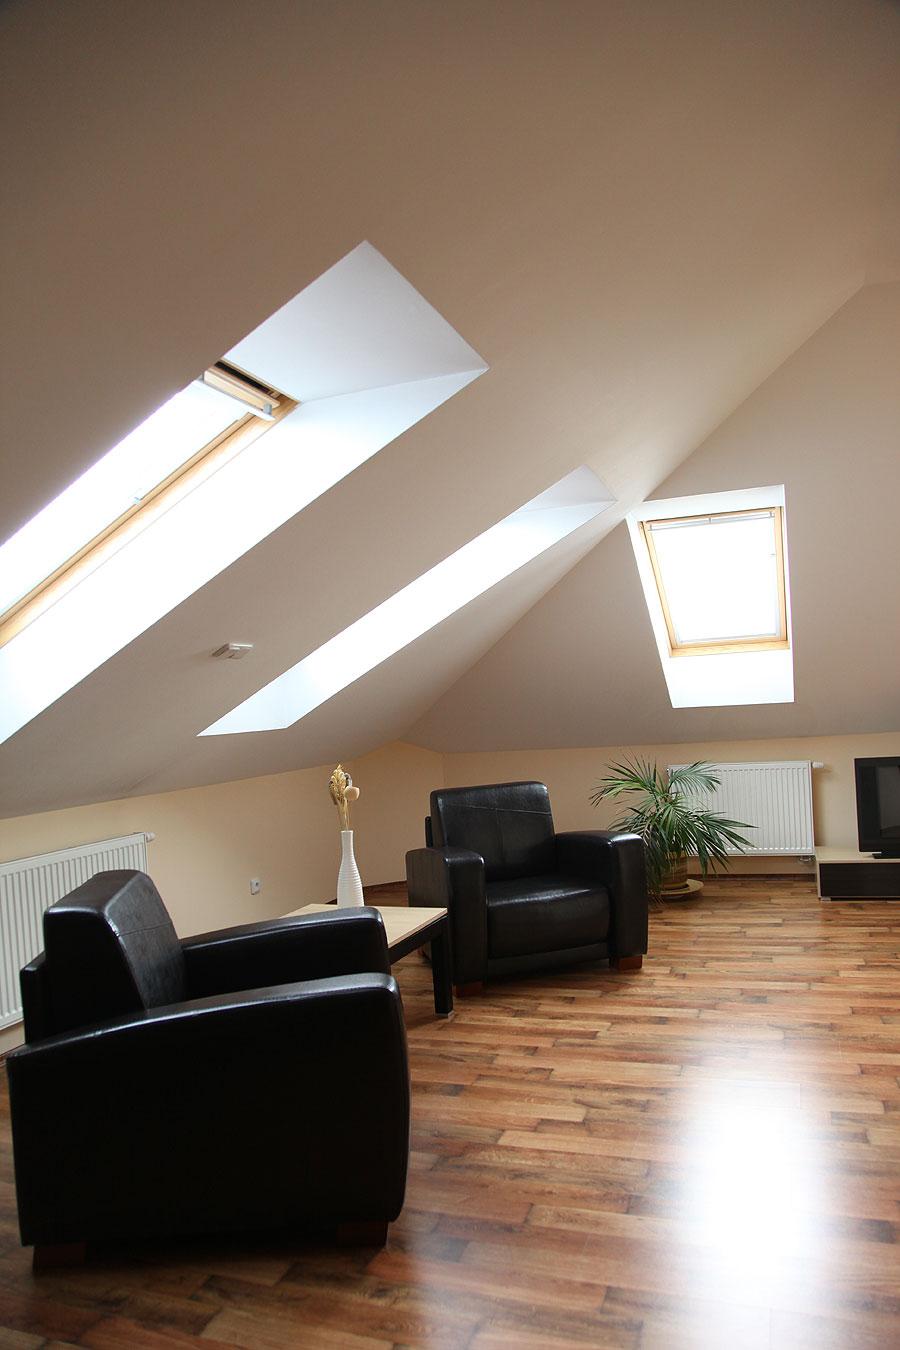 Zateplení podkroví domu je častým řešením při hledání rezerv obytné plochy. Po zateplení vzniklo několik velmi zajímavých pokojů s neobyčejnou atmosférou šikých stěn a starých trámů s patinou.